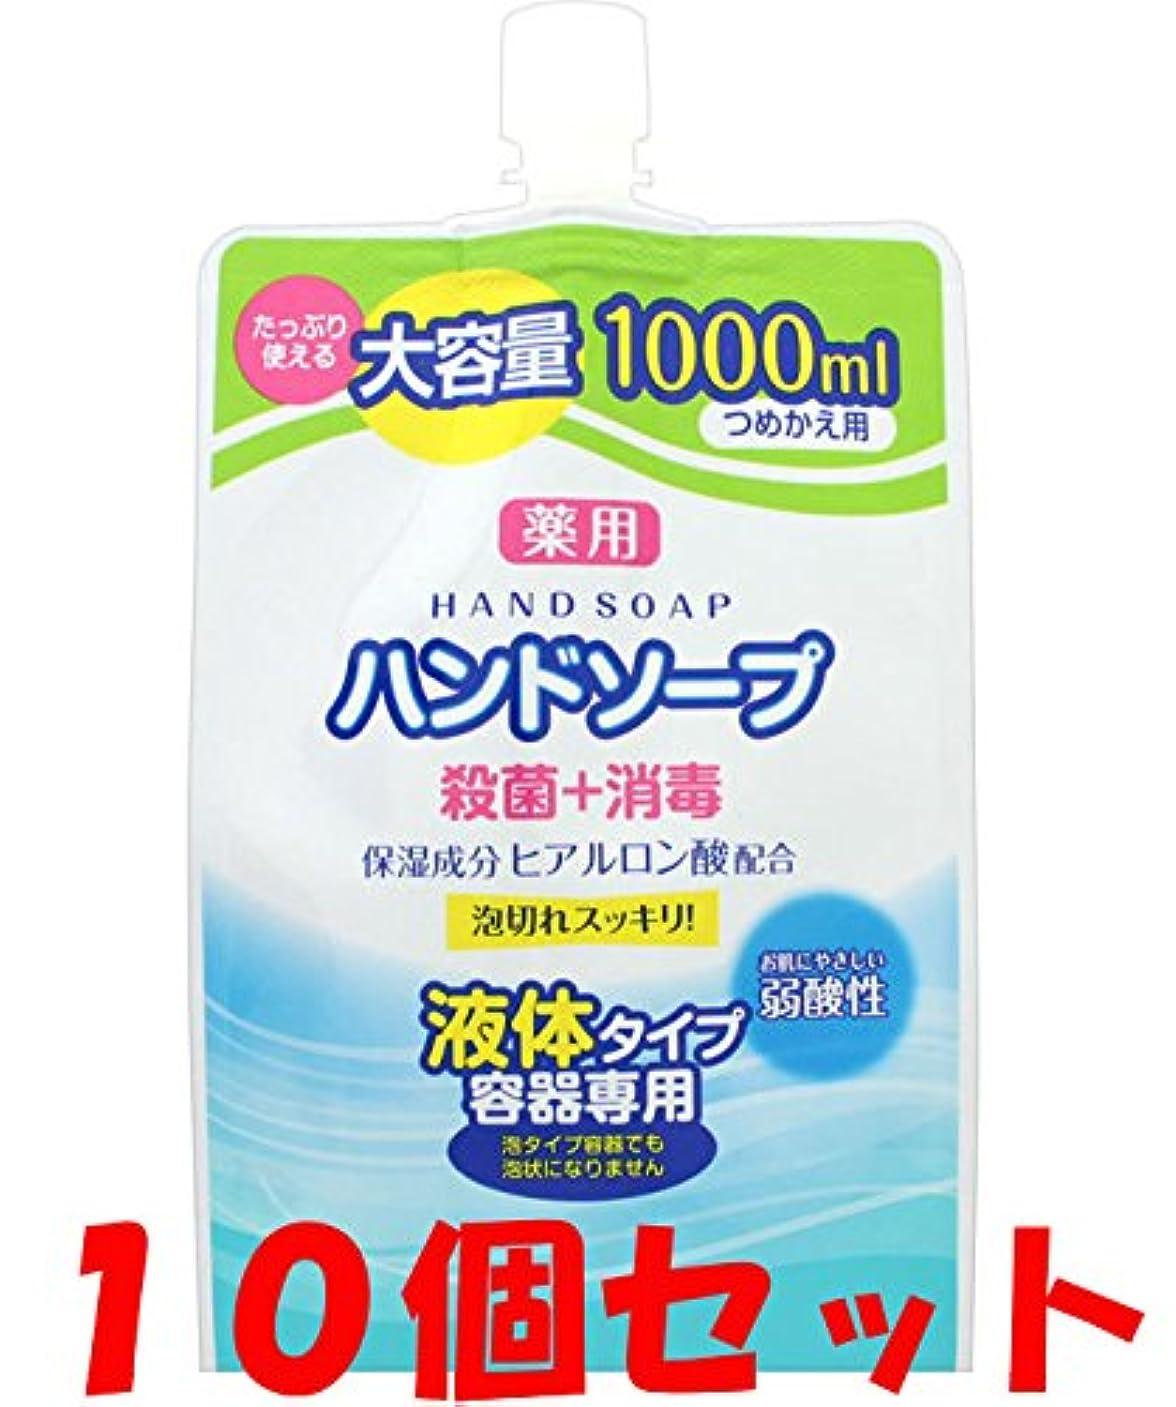 リビングルーム単に不測の事態【10個セット】薬用 液体ハンドソープ 詰替 1000ml